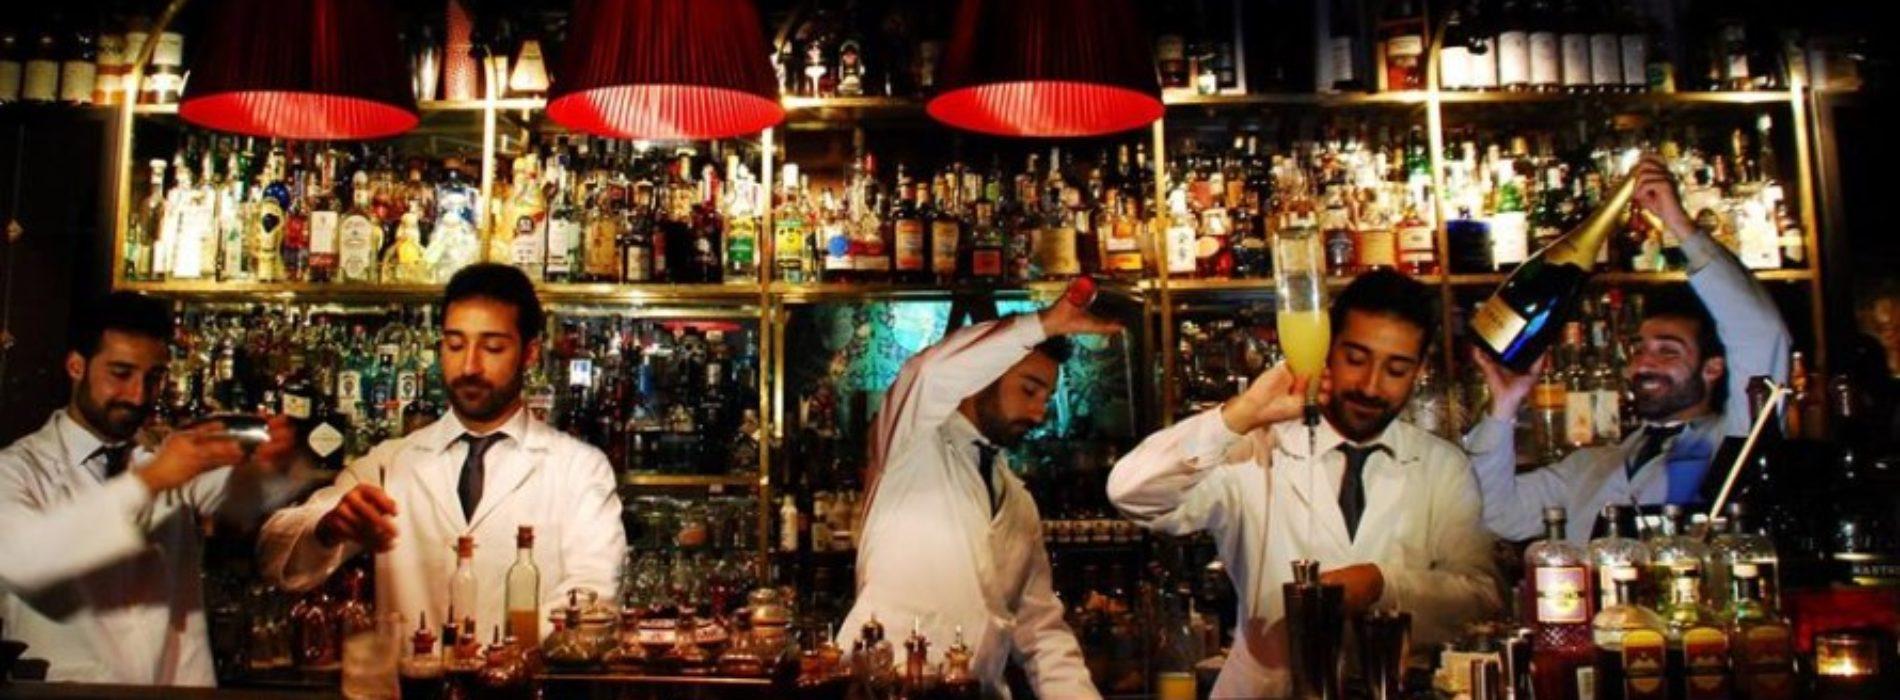 L' Antiquario: il bar dove non si servono né birra né vino